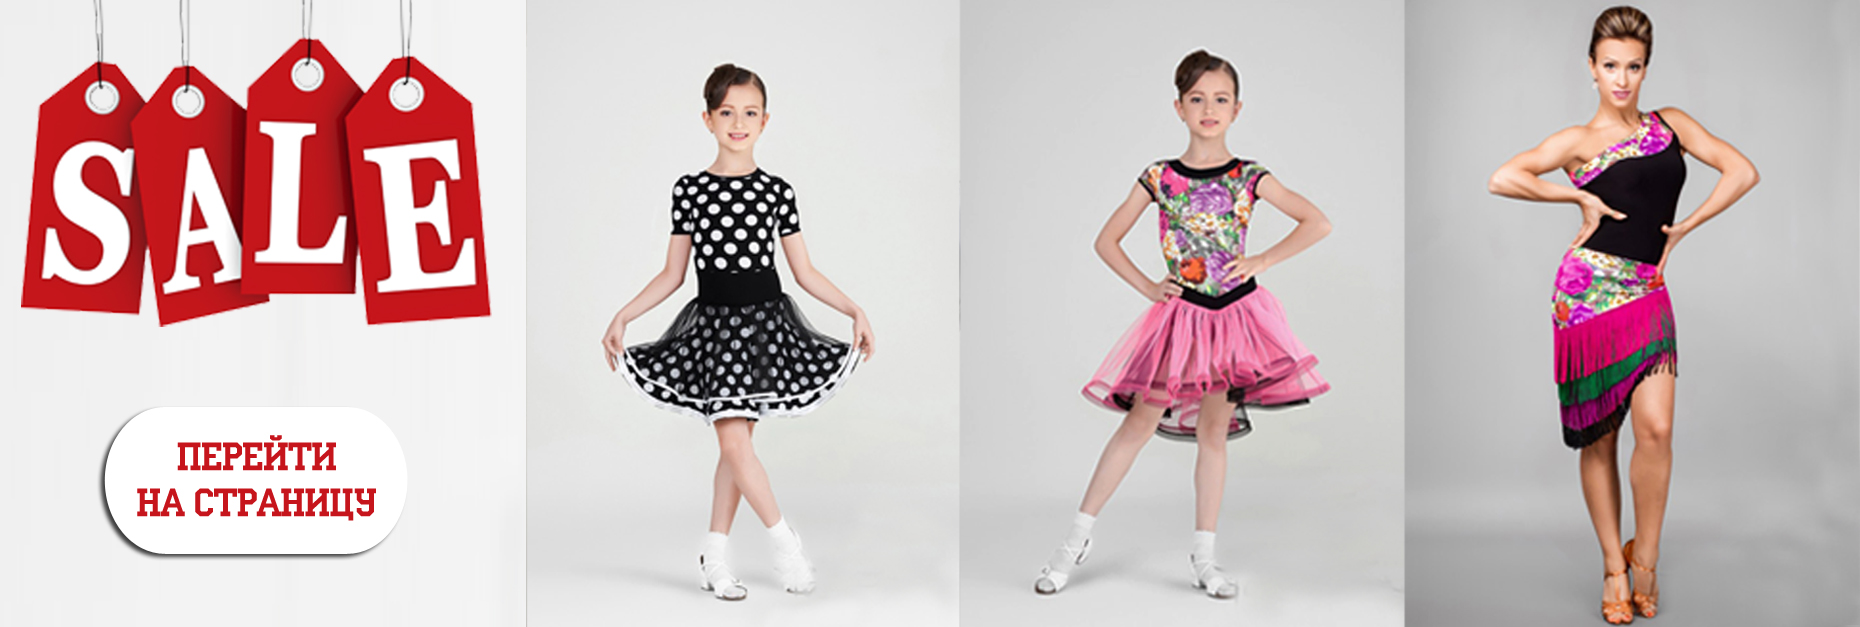 Распродажа одежды для танцев